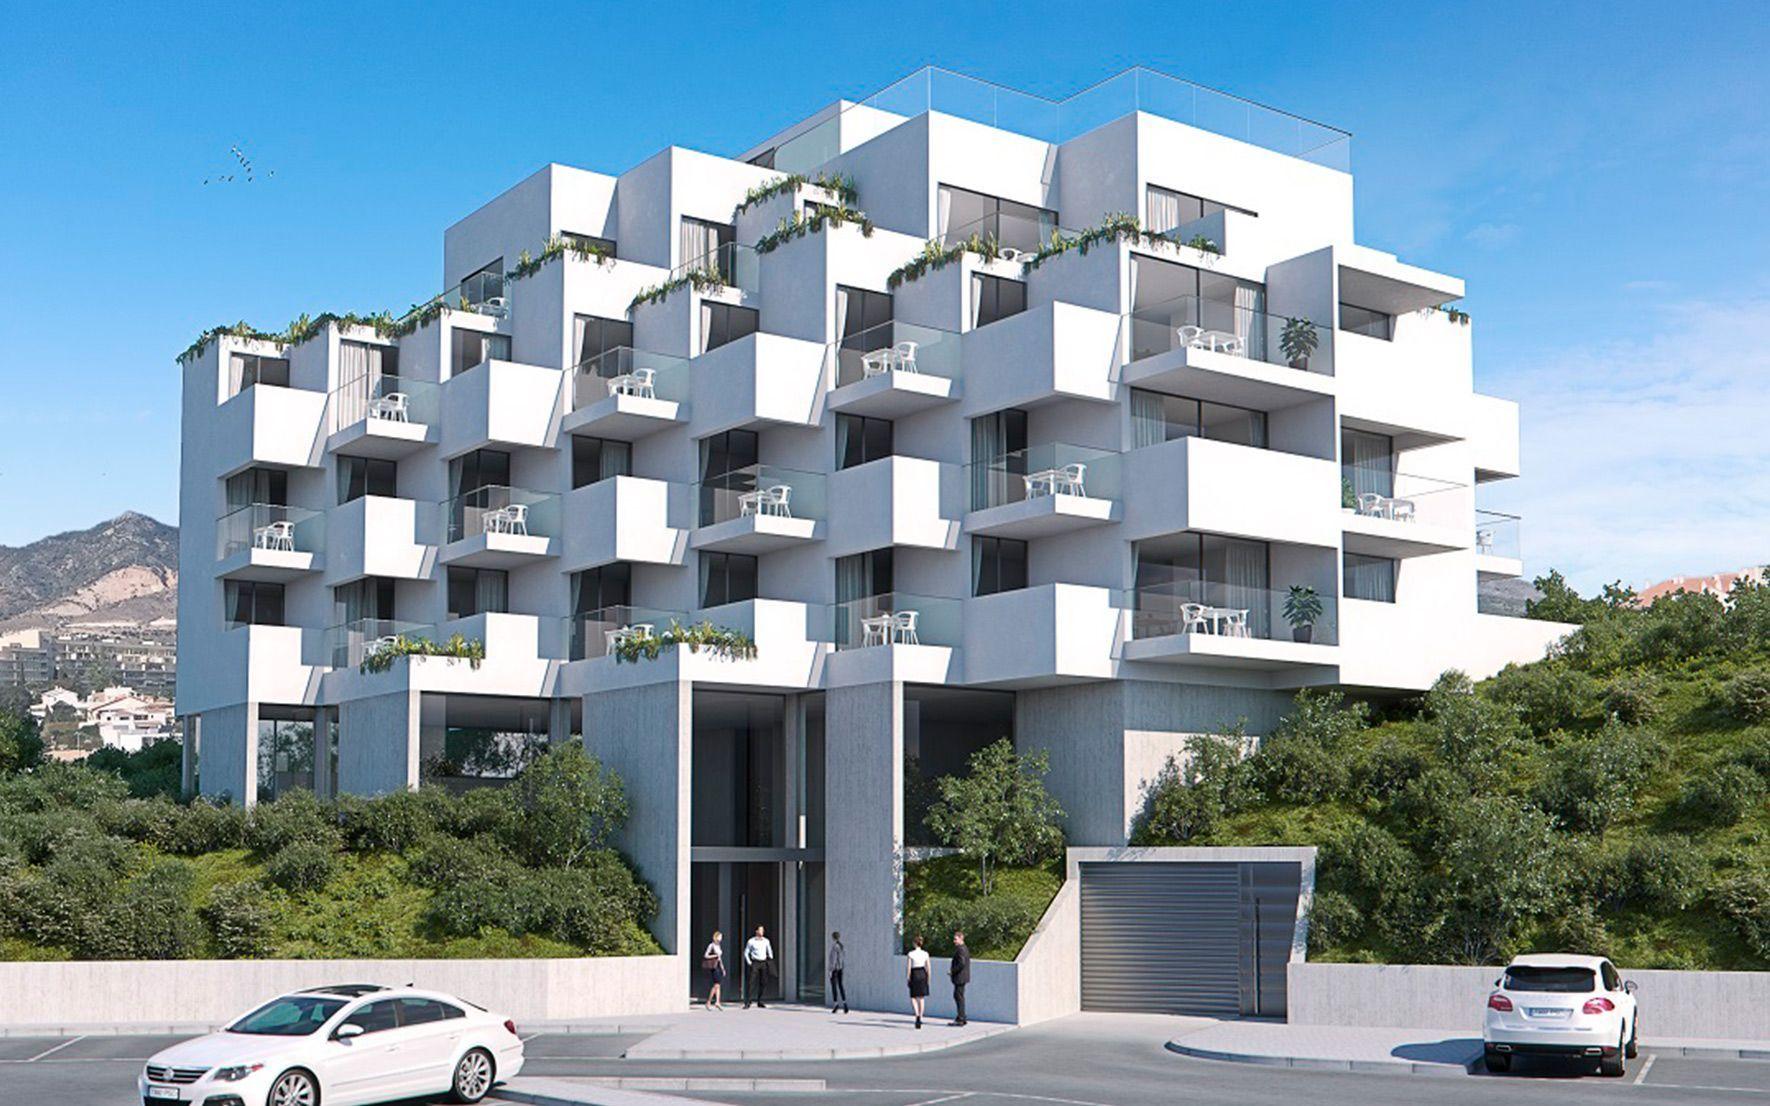 Exterior Apartamento turísticos con arquitectura moderna en Benalmádena